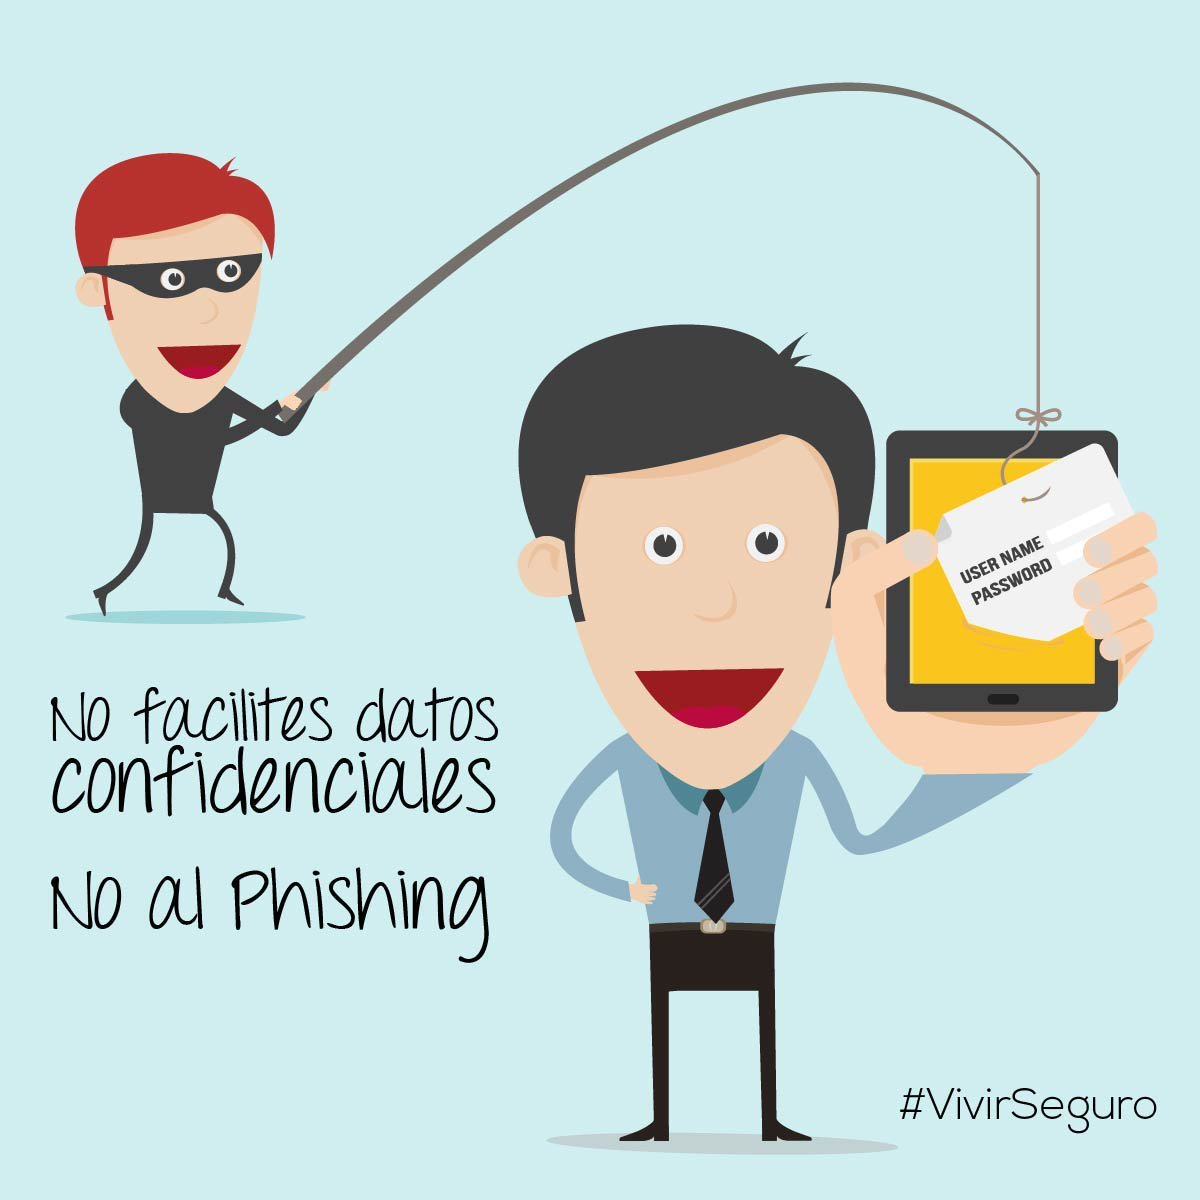 ¿Has recibido un 📨 email sospechoso de tu banco o incluso de una entidad de la que no eres cliente? #Desconfía➡ Podría tratarse de un intento malicioso de obtener tus datos personales y 💲financieros #phishing #ciberseguridad